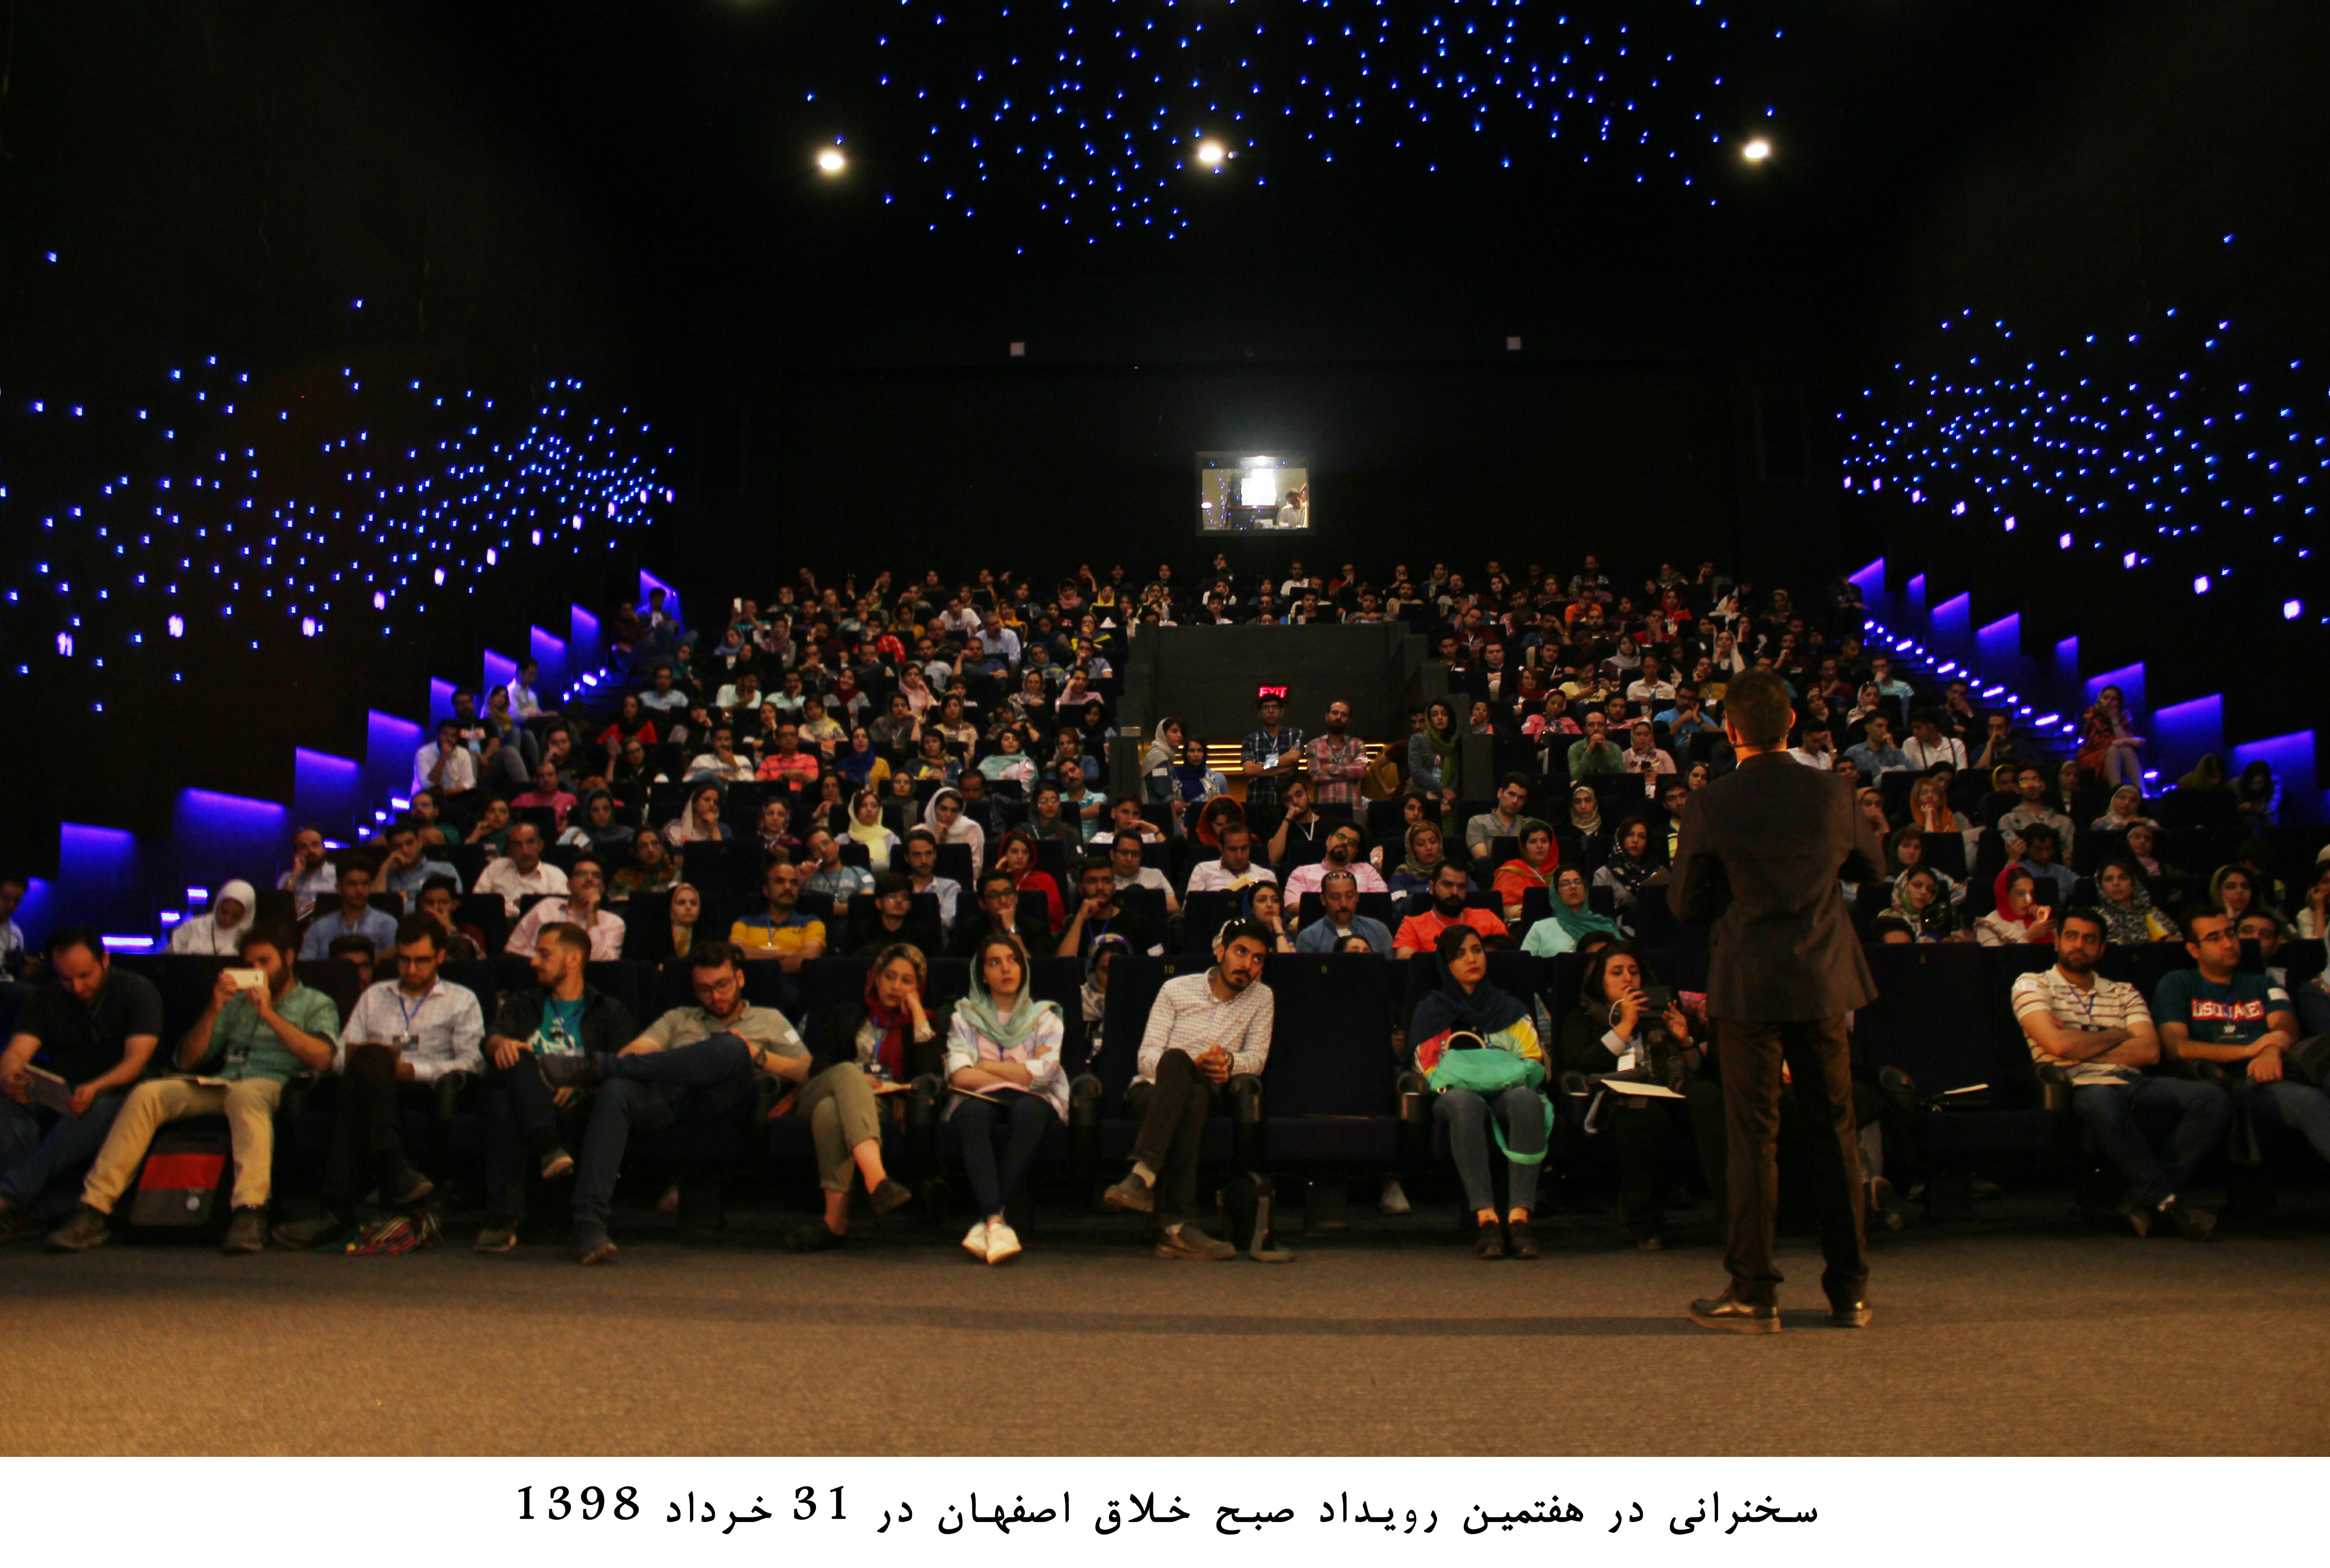 سخنرانی در هفتمین رویداد صبح خلاق اصفهان در 31 خرداد 1398